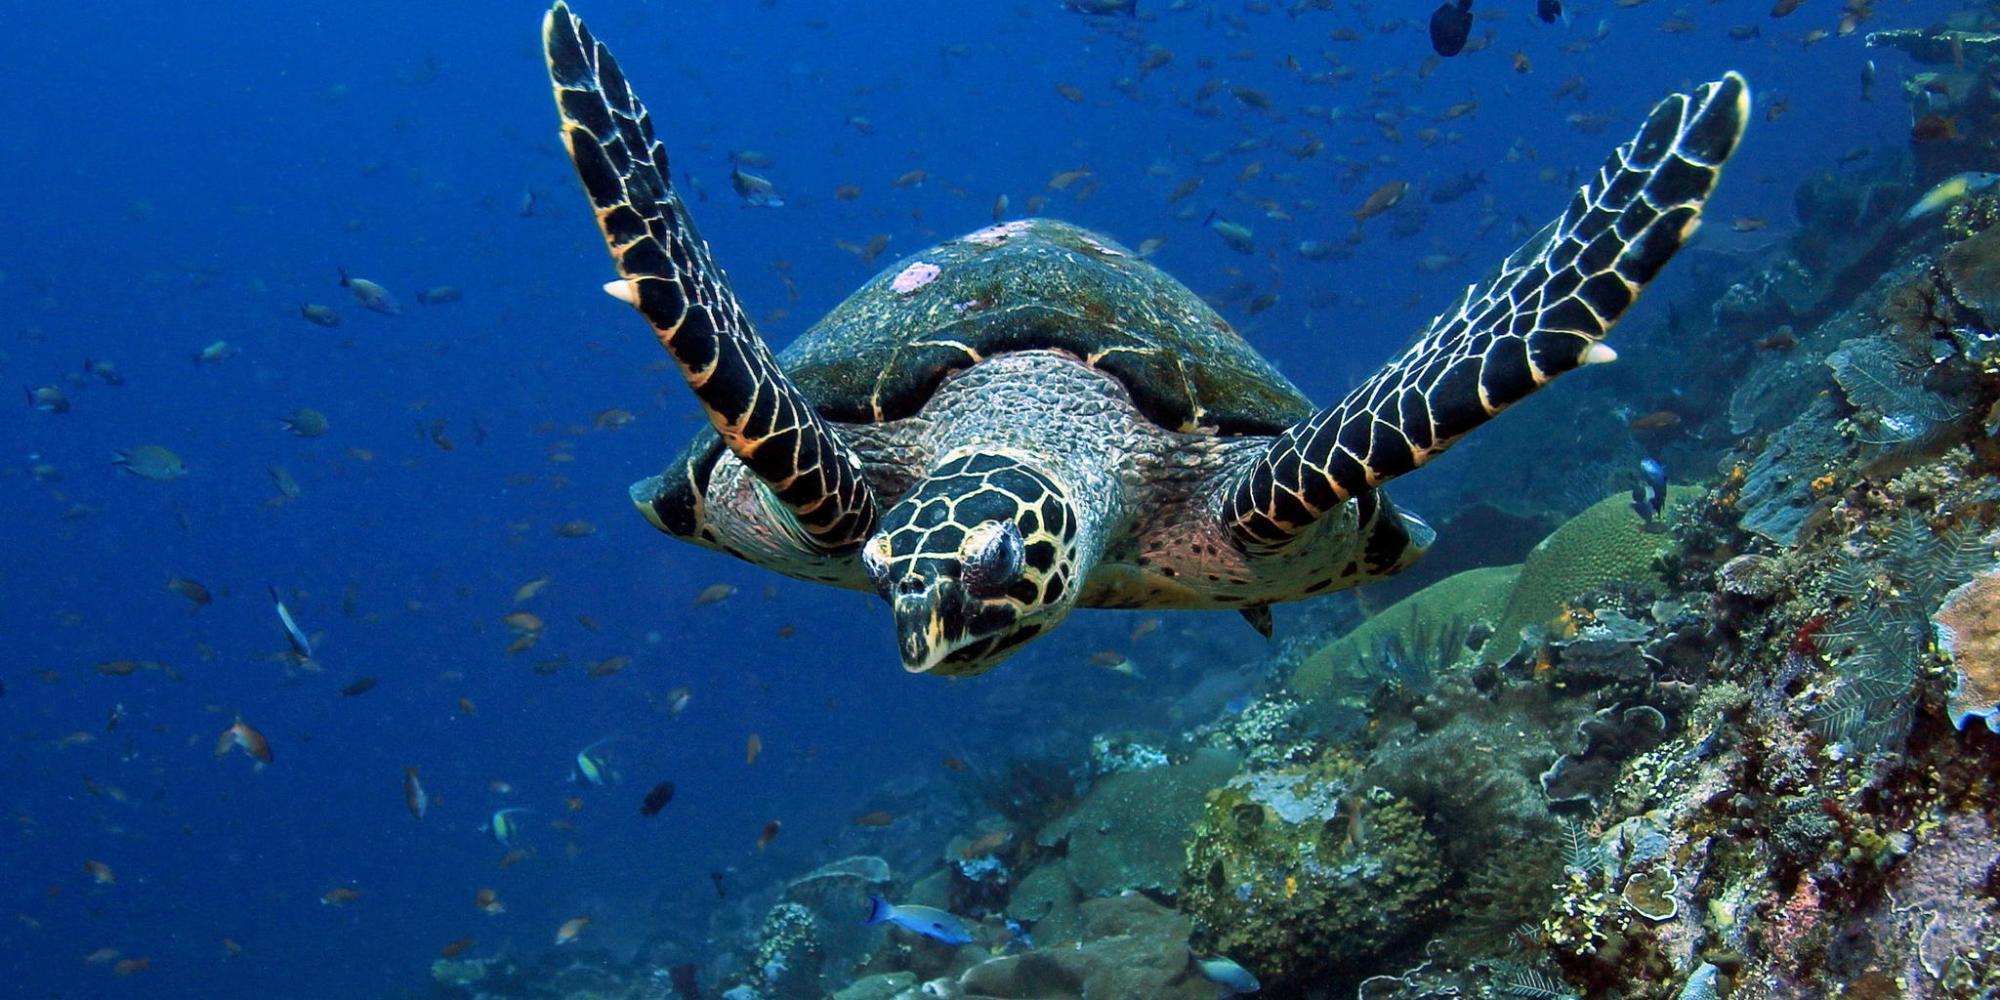 Endangered Ocean: Sea Turtles